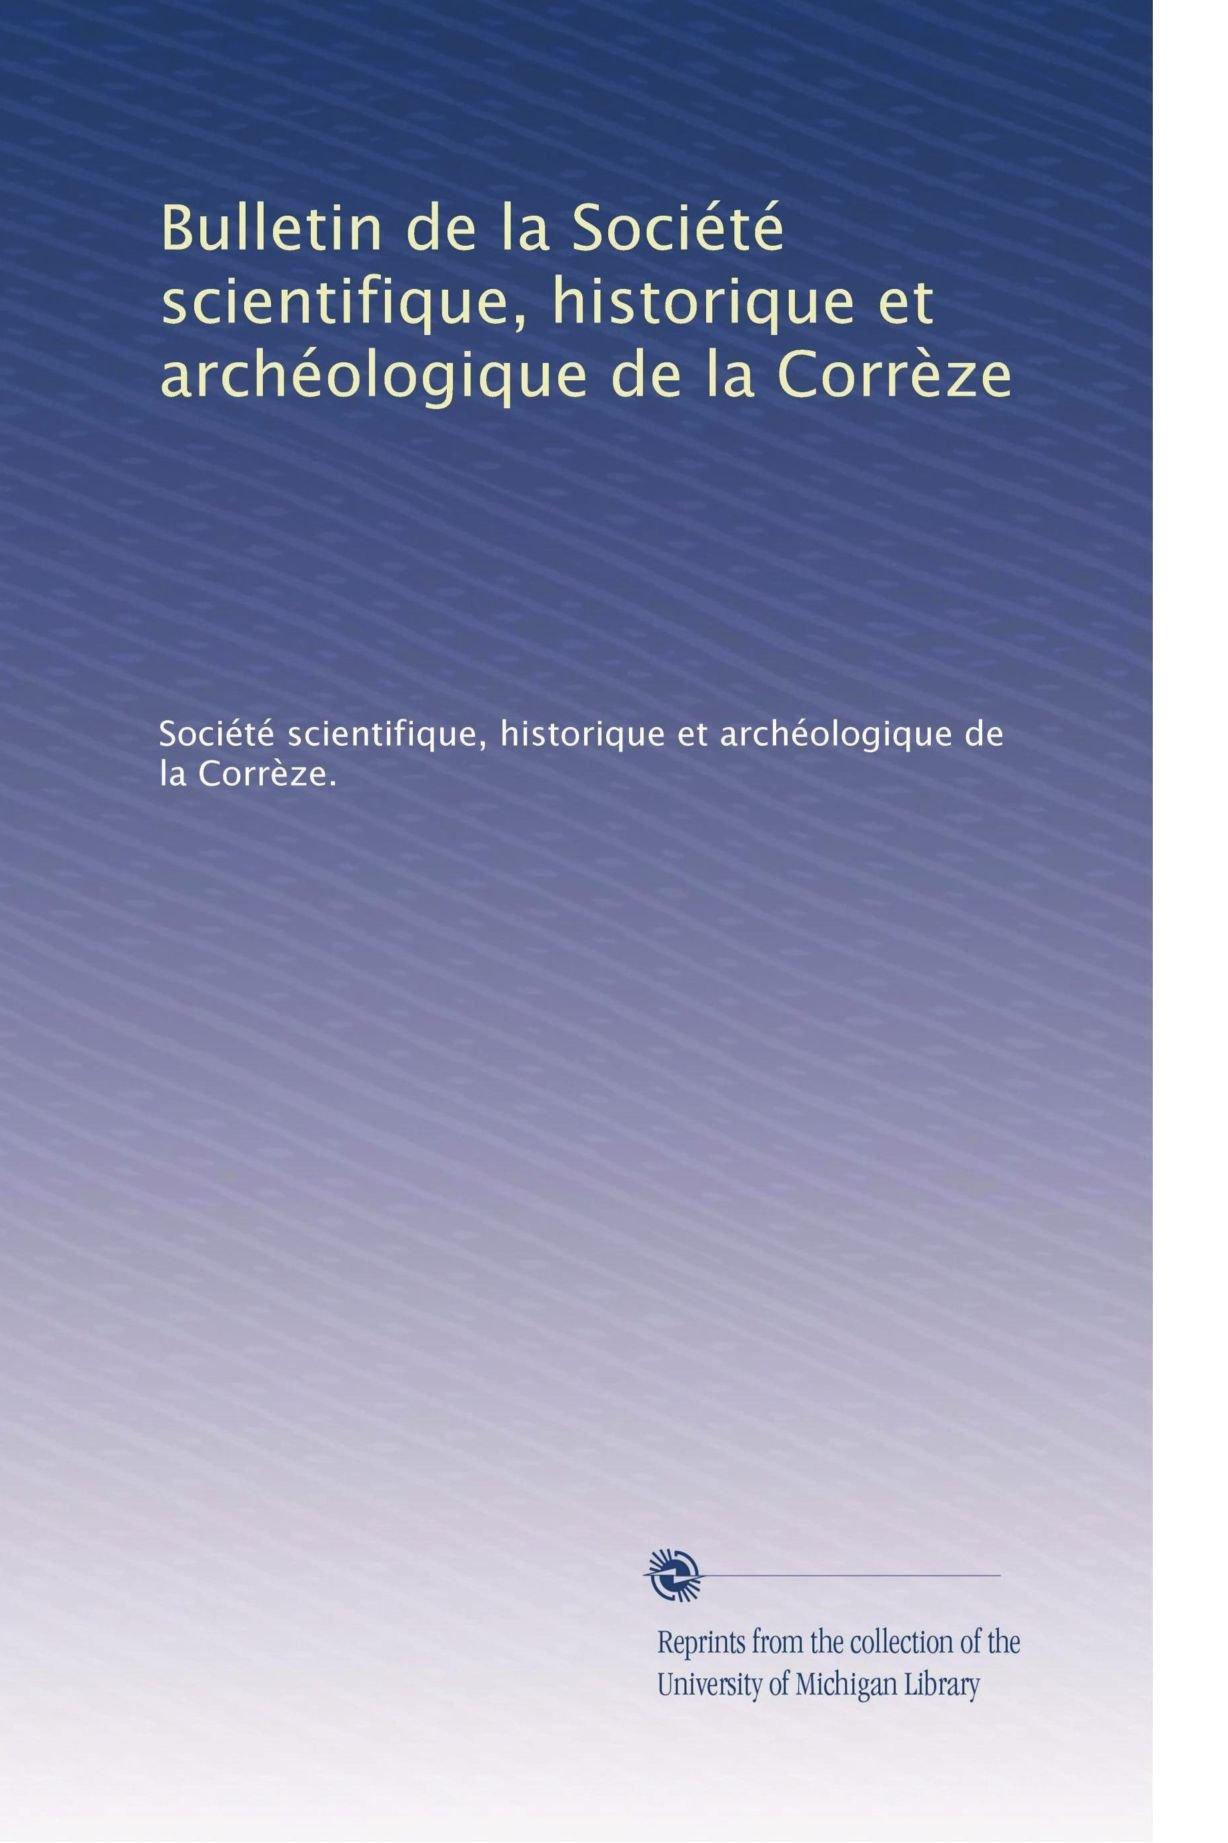 Bulletin de la Société scientifique, historique et archéologique de la Corrèze (French Edition) ebook